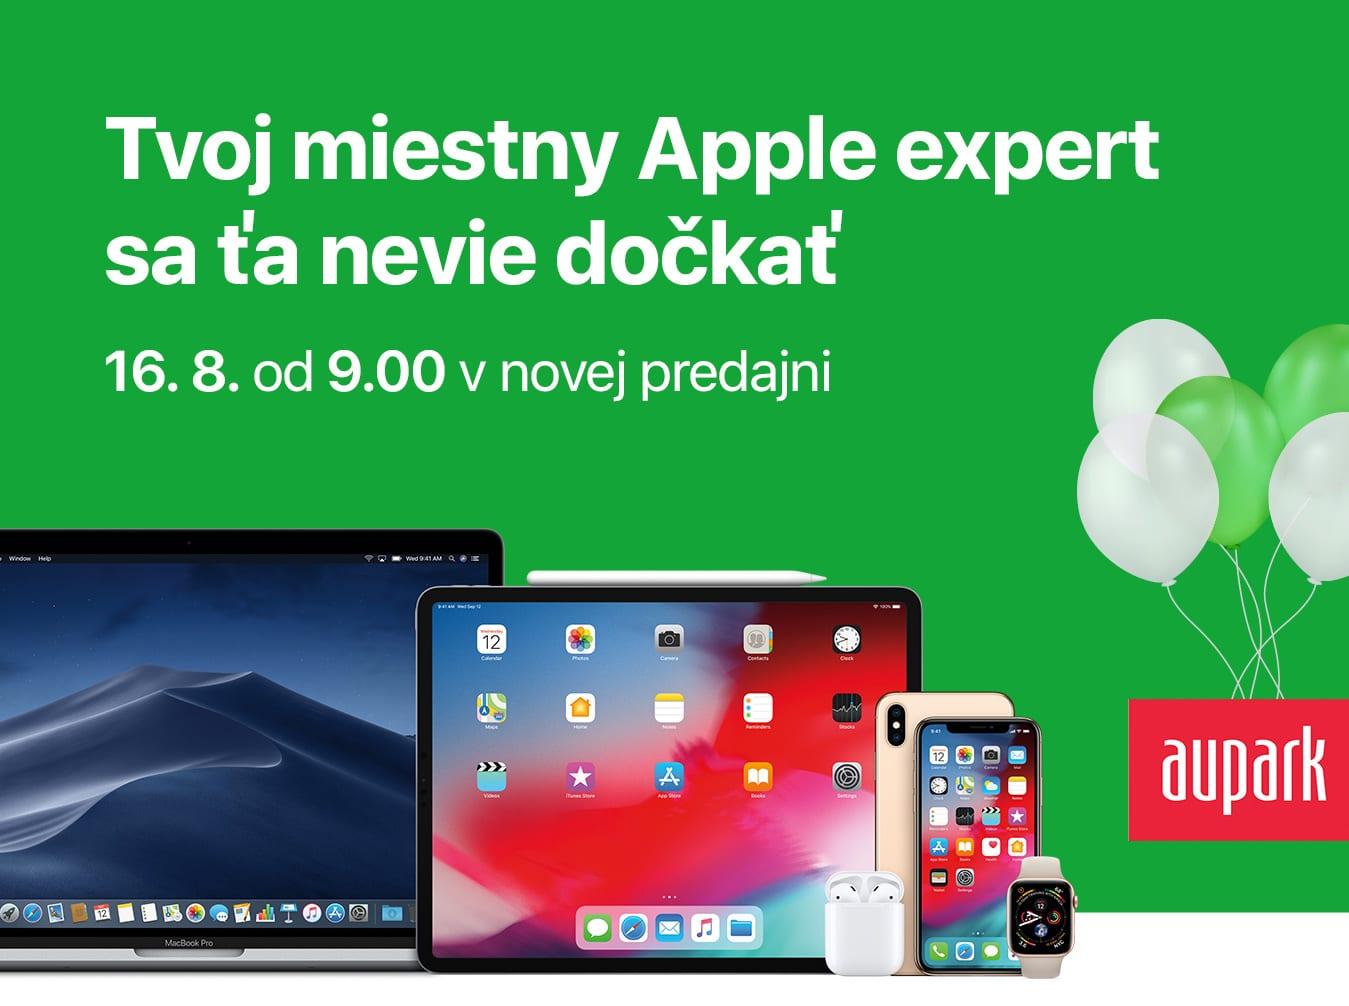 nova predajna istores kosice original - iStores otvára novú predajňu v Košiciach, pripravil si uvítacie zľavy